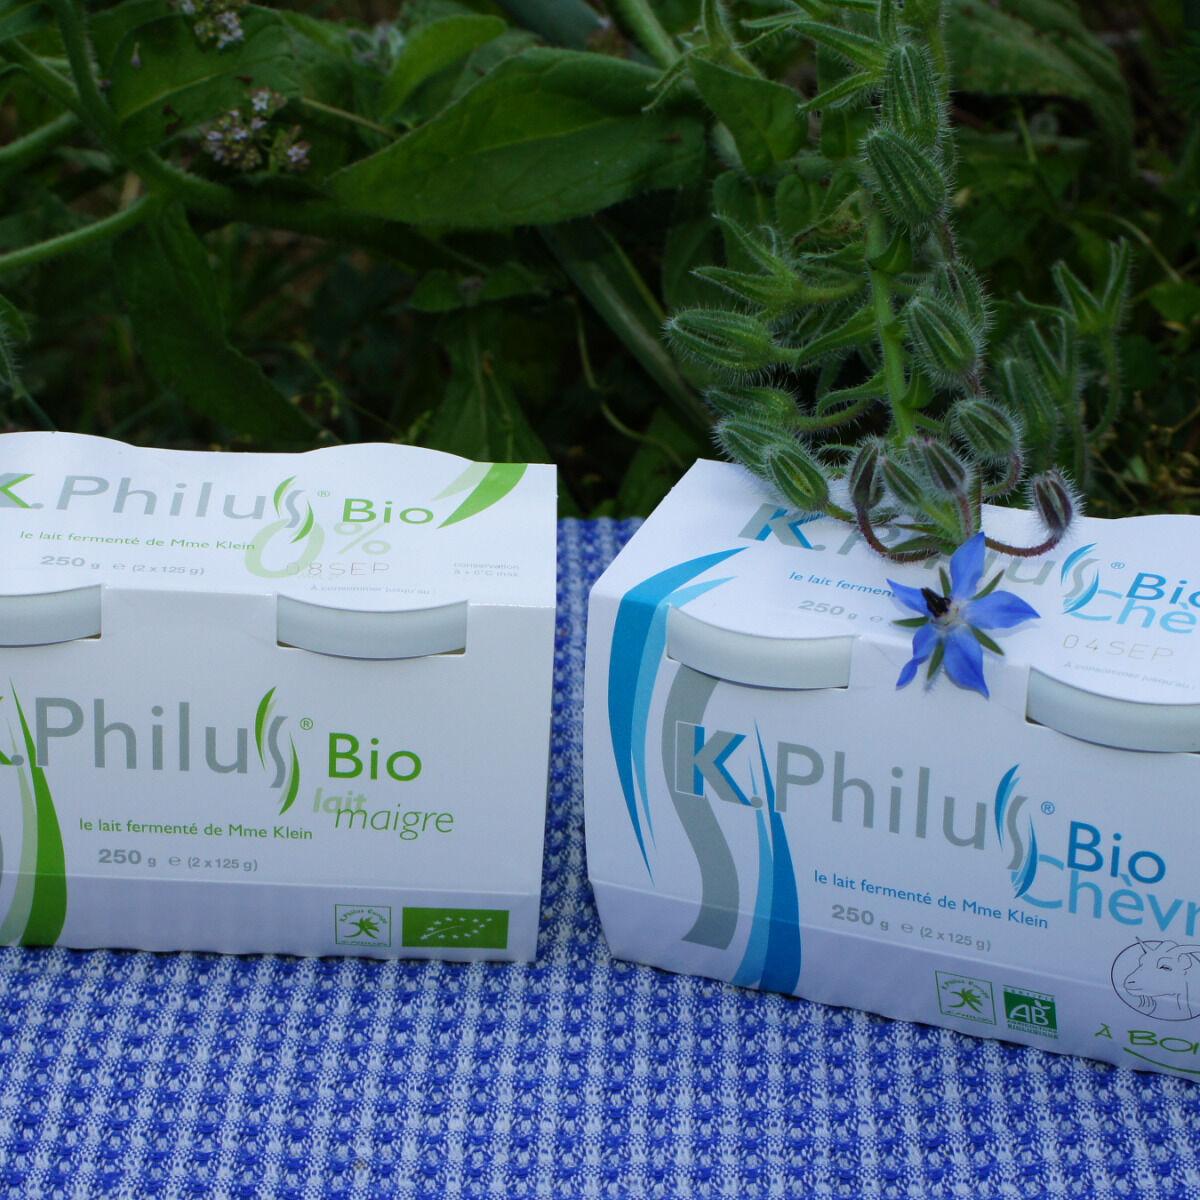 Laiterie du Climont - K-Philus Lot : 6 Pots K-Philus lait de Vache et 6 Pots K-Philus lait de Chèvre